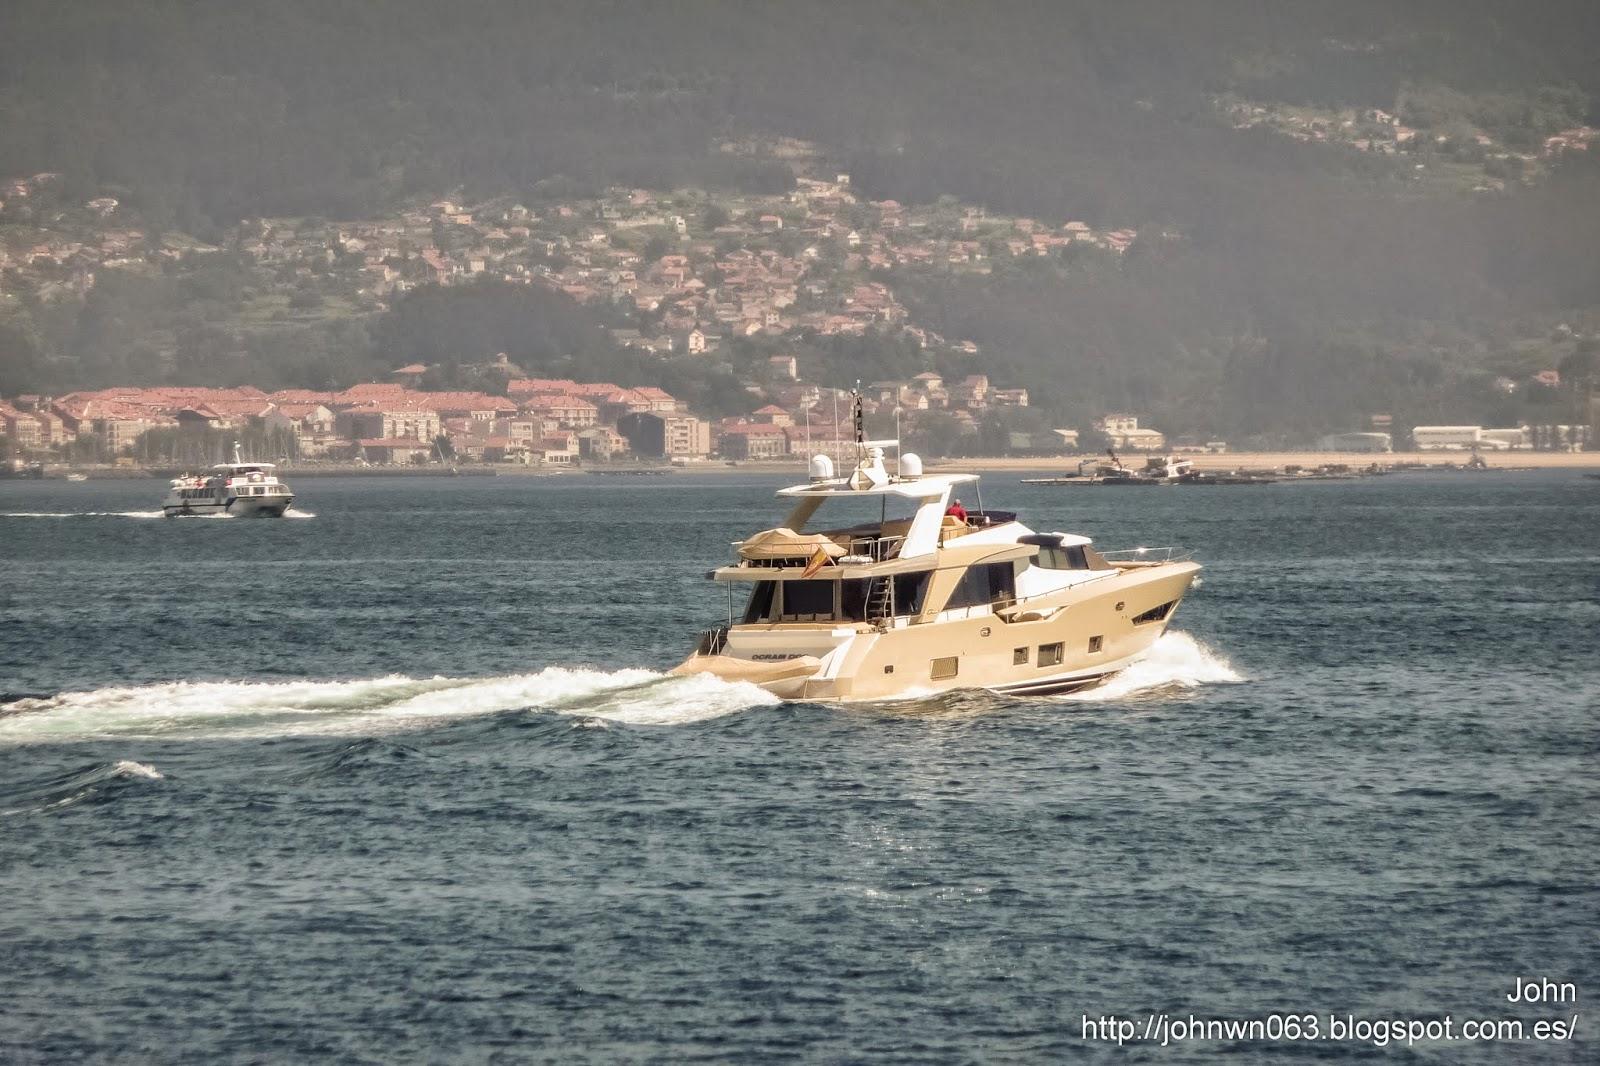 fotos de barcos, imagenes de barcos, ocram dos, couach, vigo, megayate